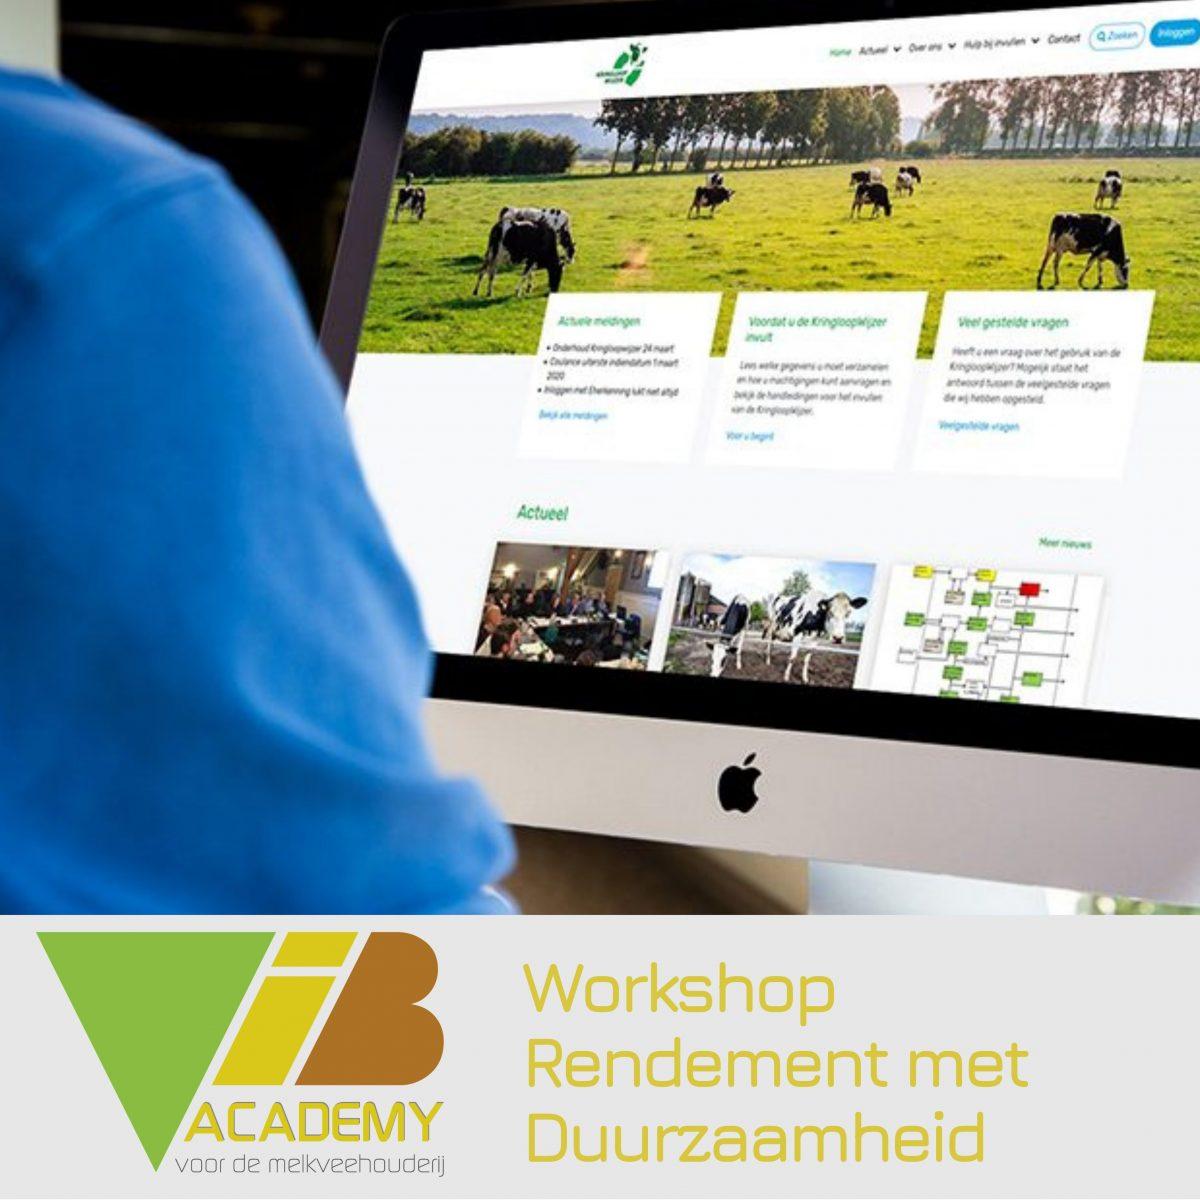 Workshop Rendement met Duurzaamheid